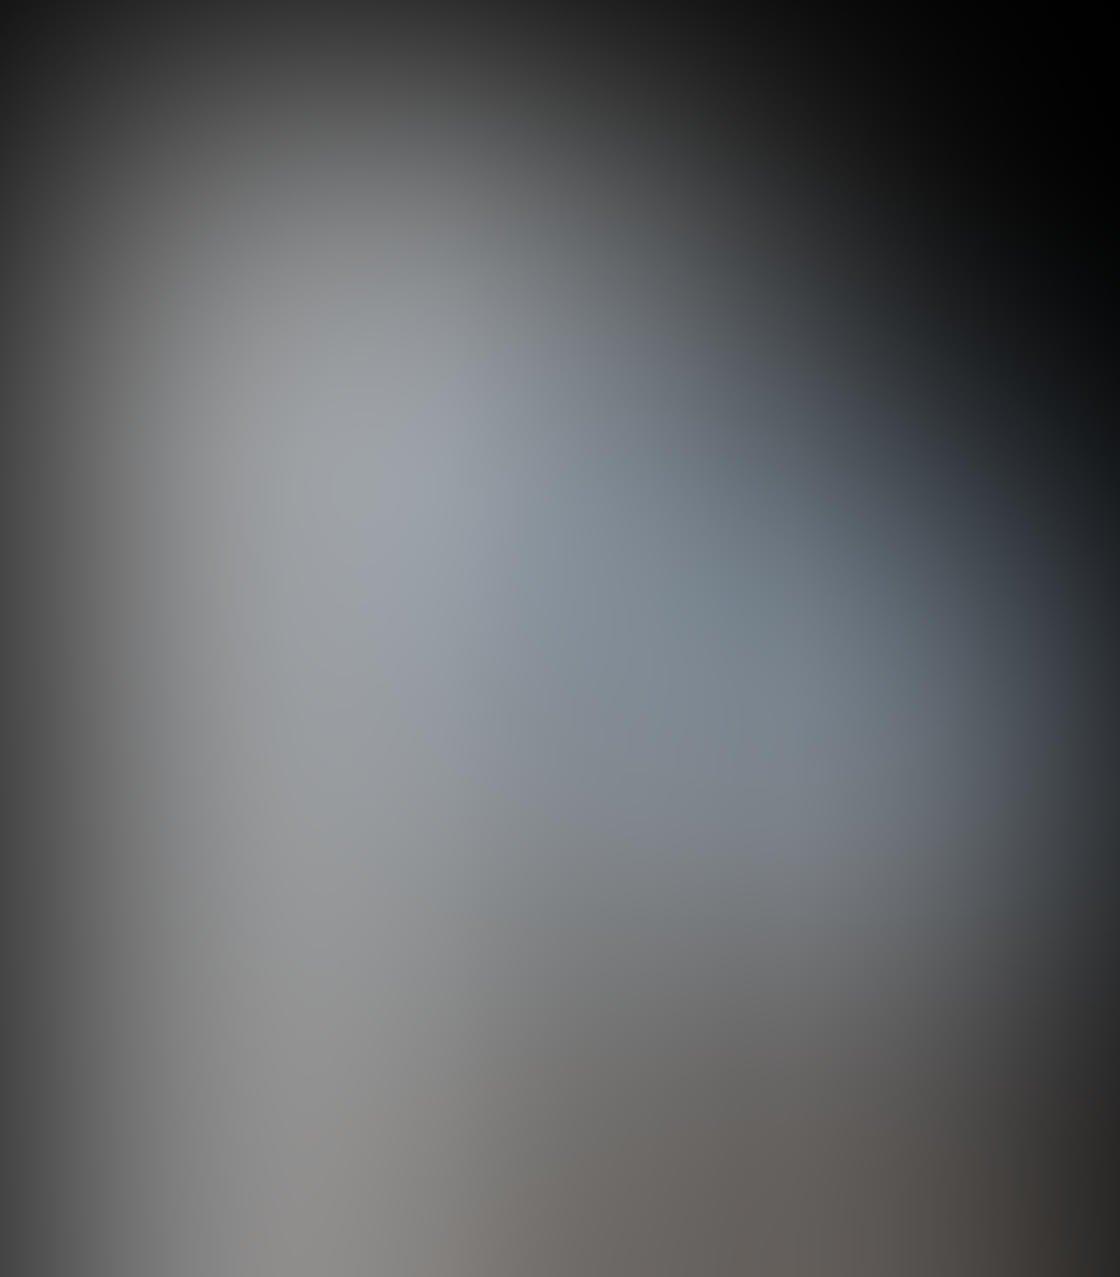 Iphone xr camera 5